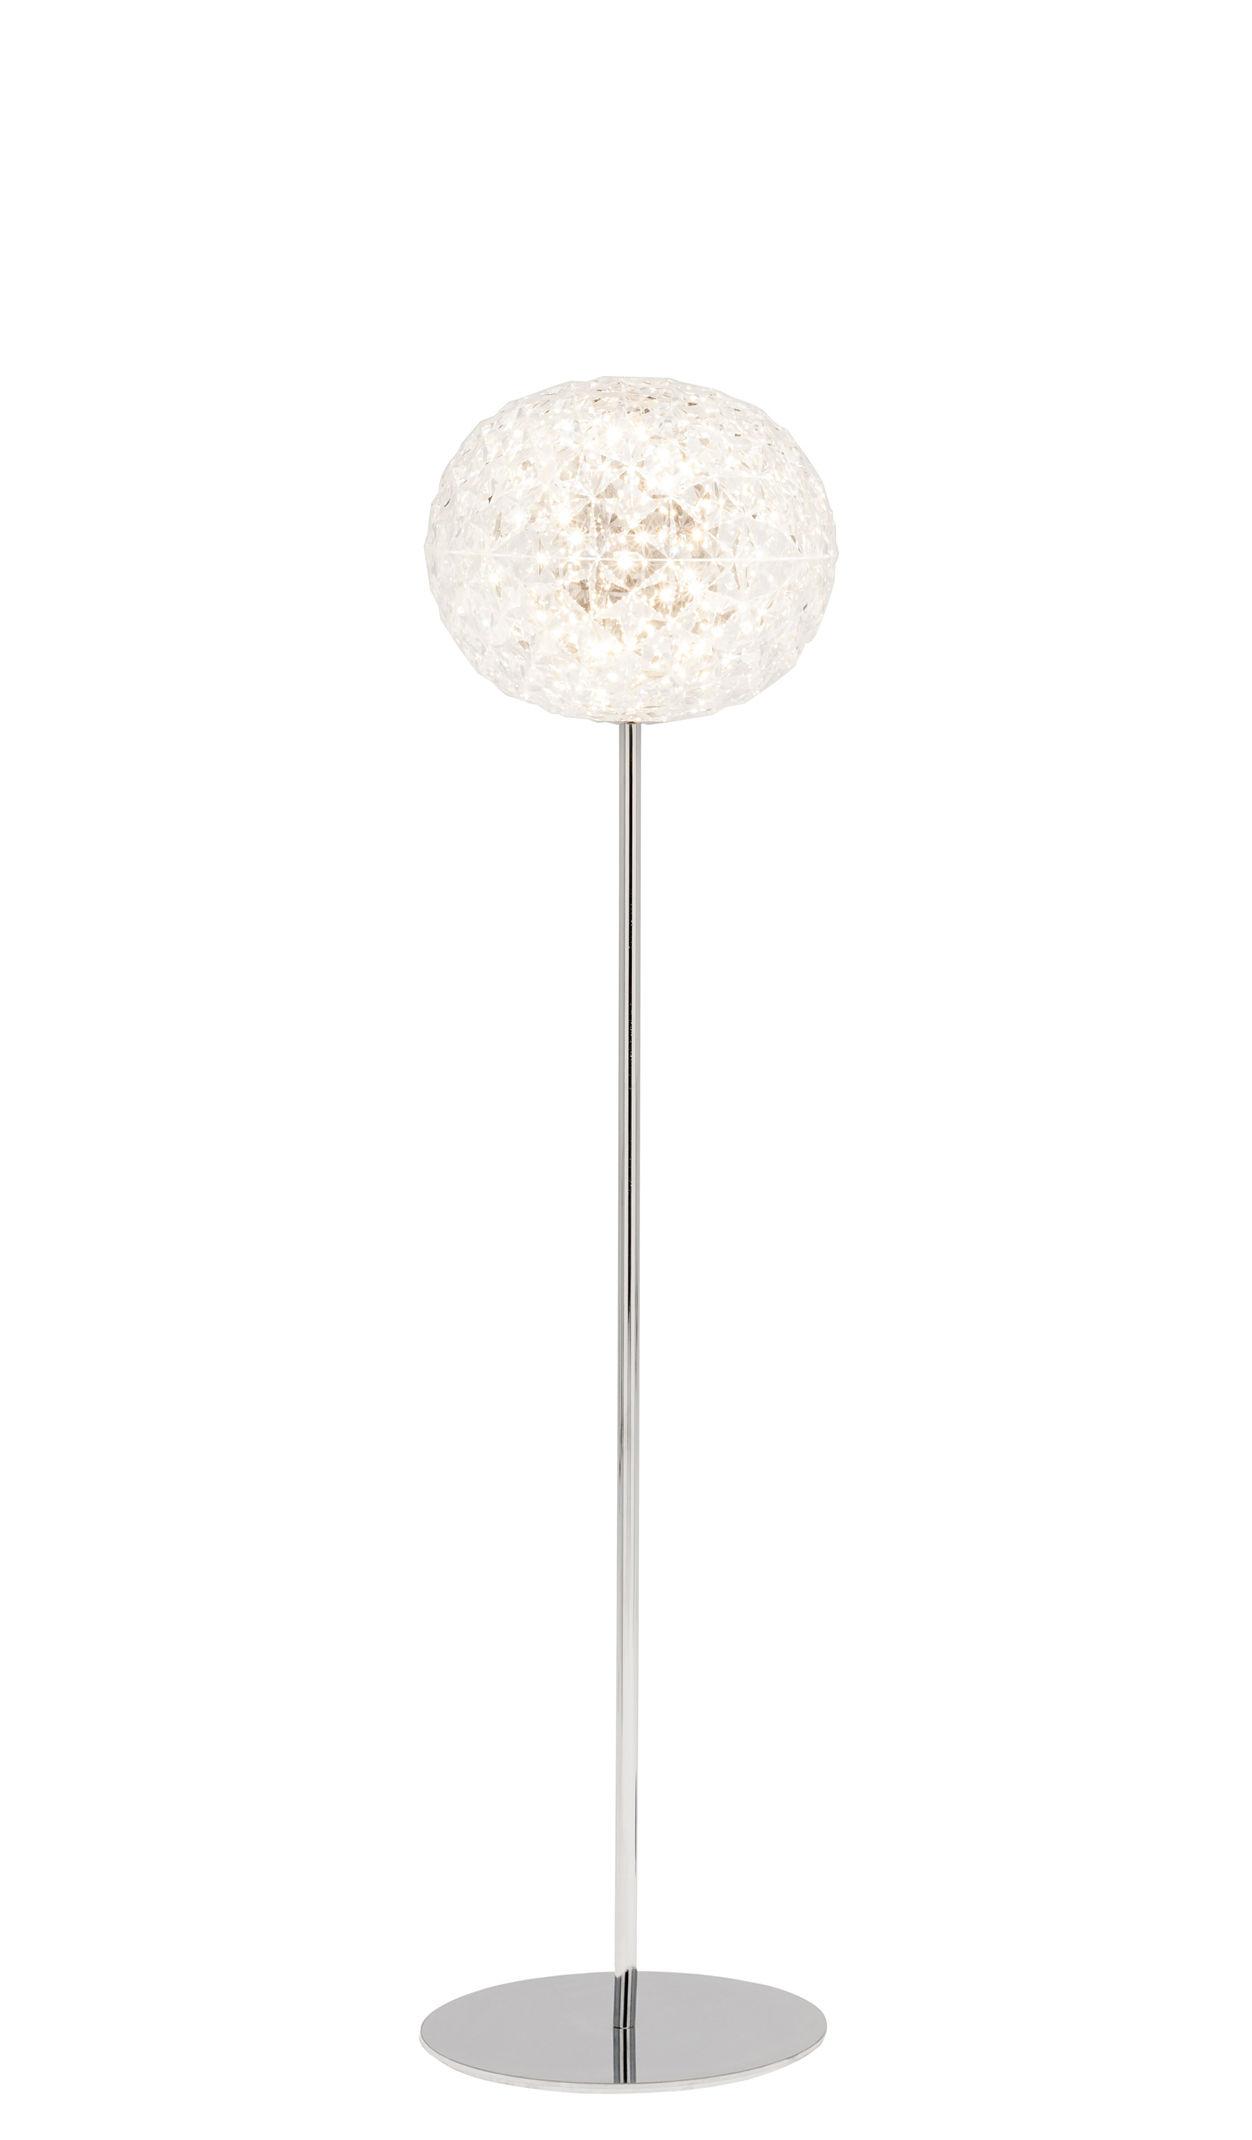 Illuminazione - Lampade da terra - Lampada a stelo Planet - / LED - H 130 cm di Kartell - Cristallo / Piede argento - Alluminio, Technopolymère thermoplastique